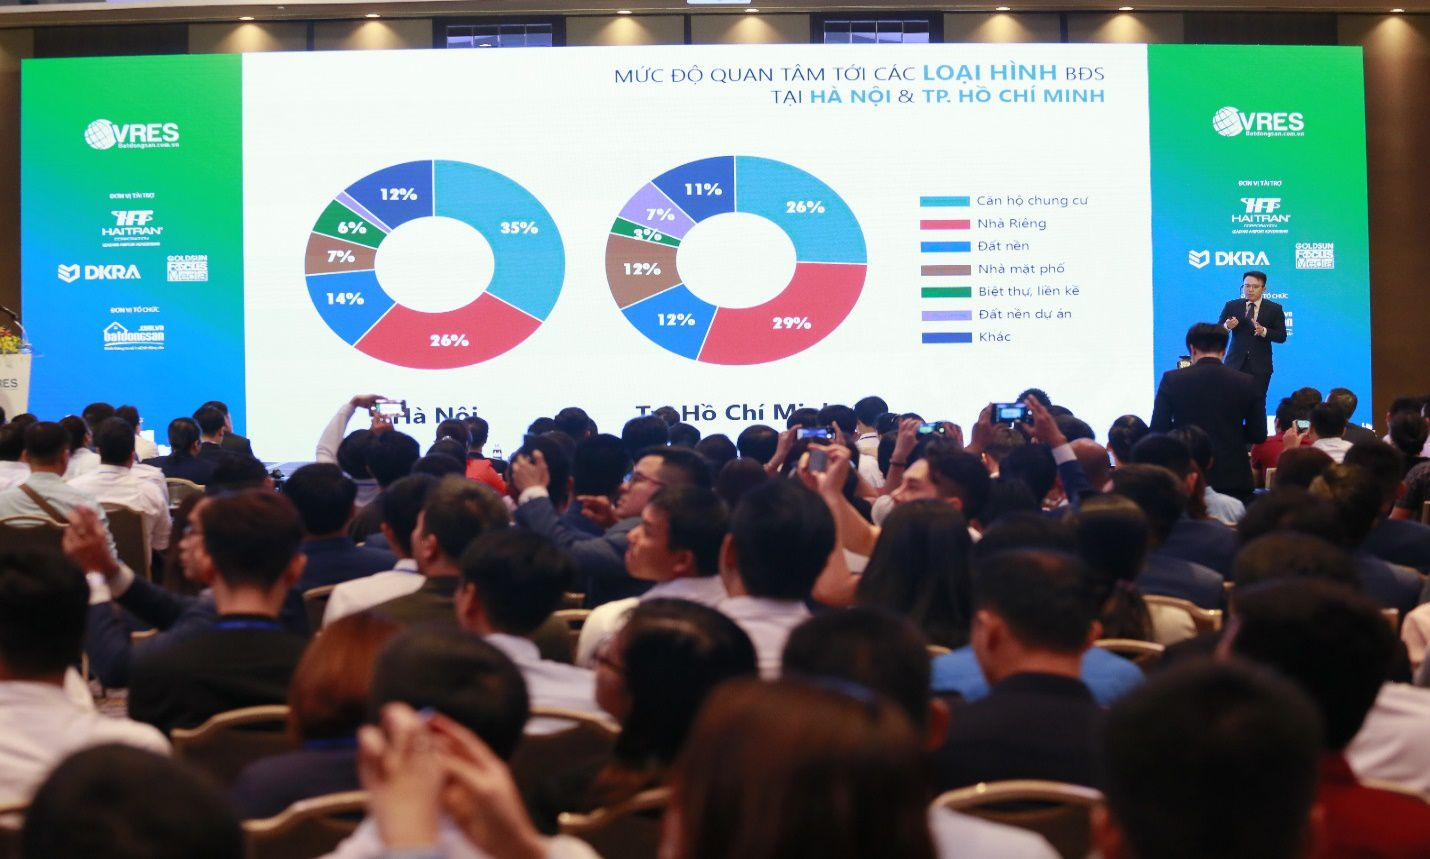 Hội nghị nhiều người ngồi, màn hình chiếu biểu đồ, số liệu